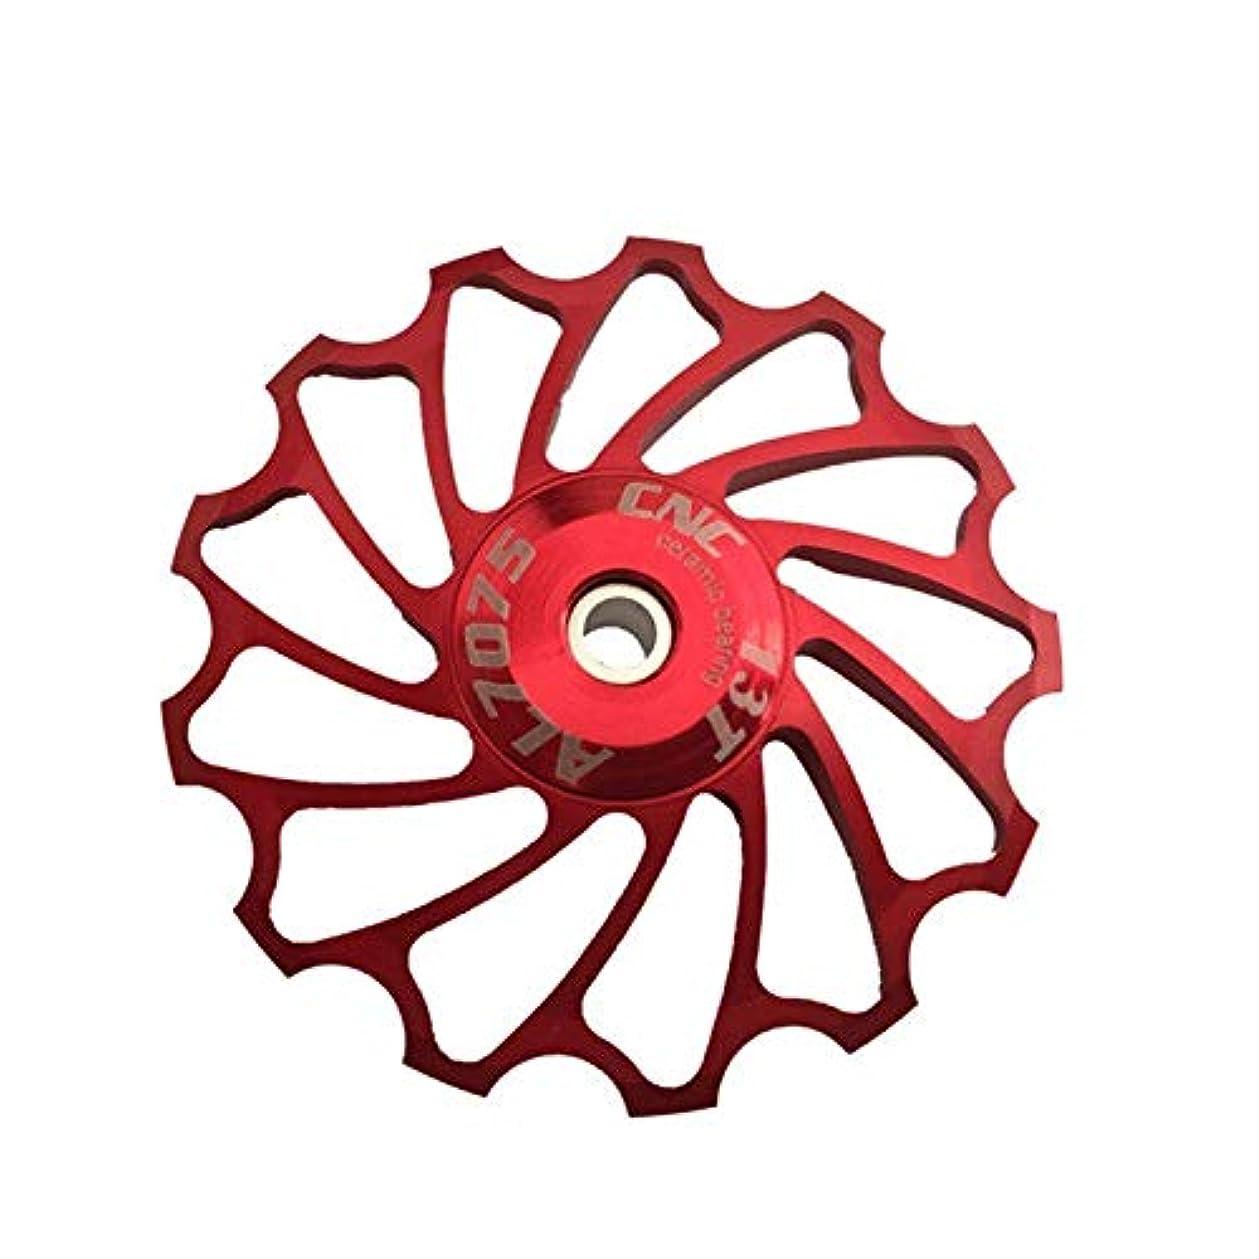 安全ライオン家事Propenary - Cycling bike ceramics Jockey Wheel Rear Derailleur Pulley 13T 7075 Aluminum alloy bicycle guide pulley bearing bicycle parts [ Red ]